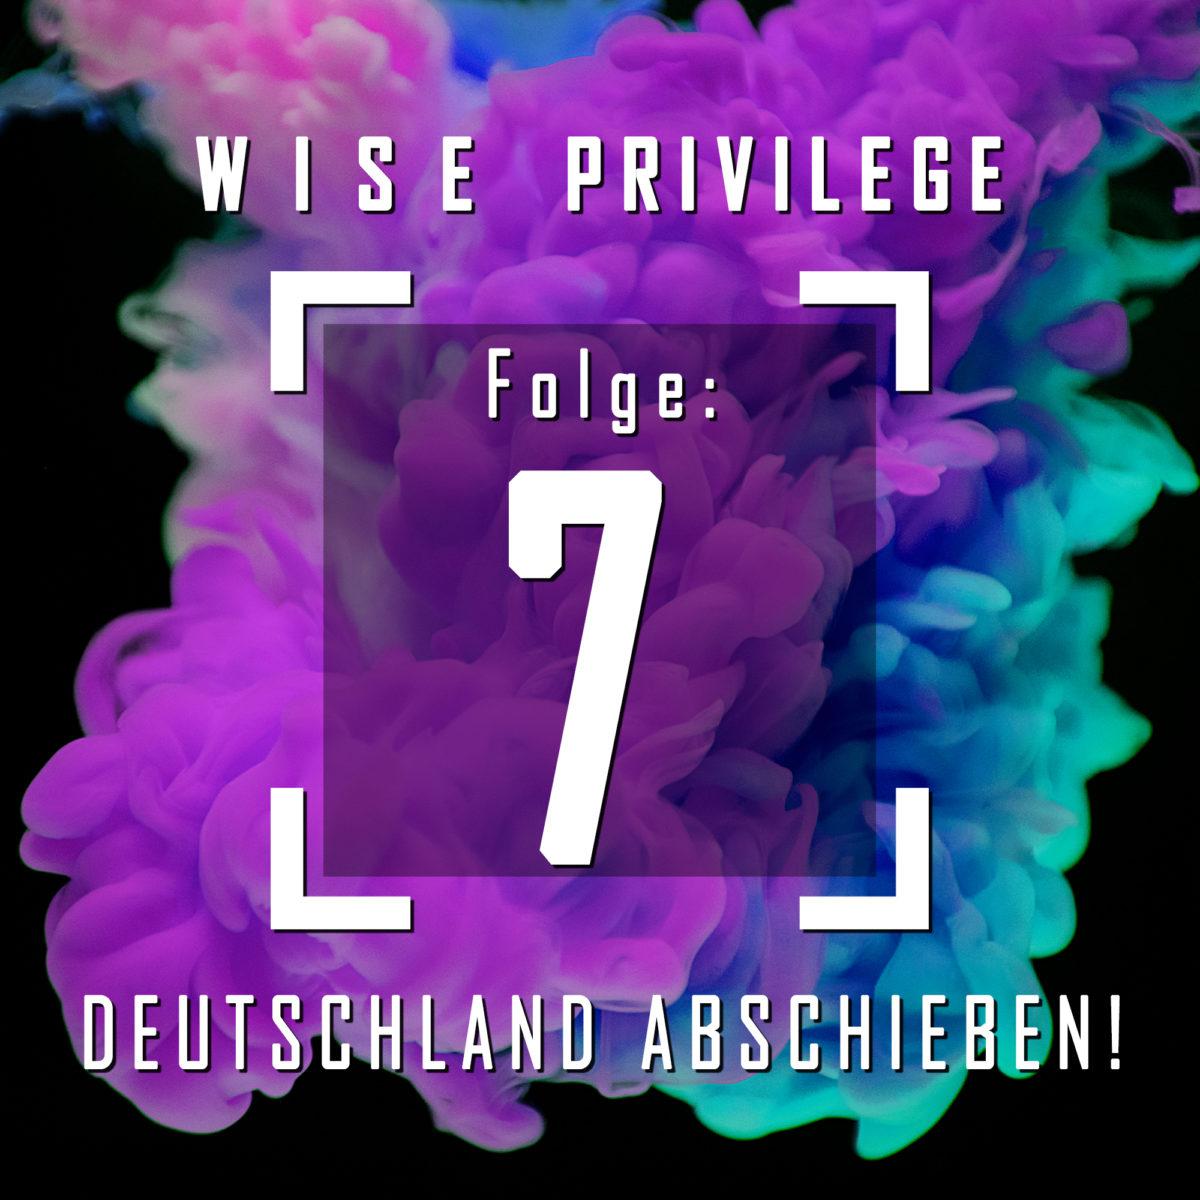 Folge 7: DEUTSCHLAND ABSCHIEBEN!